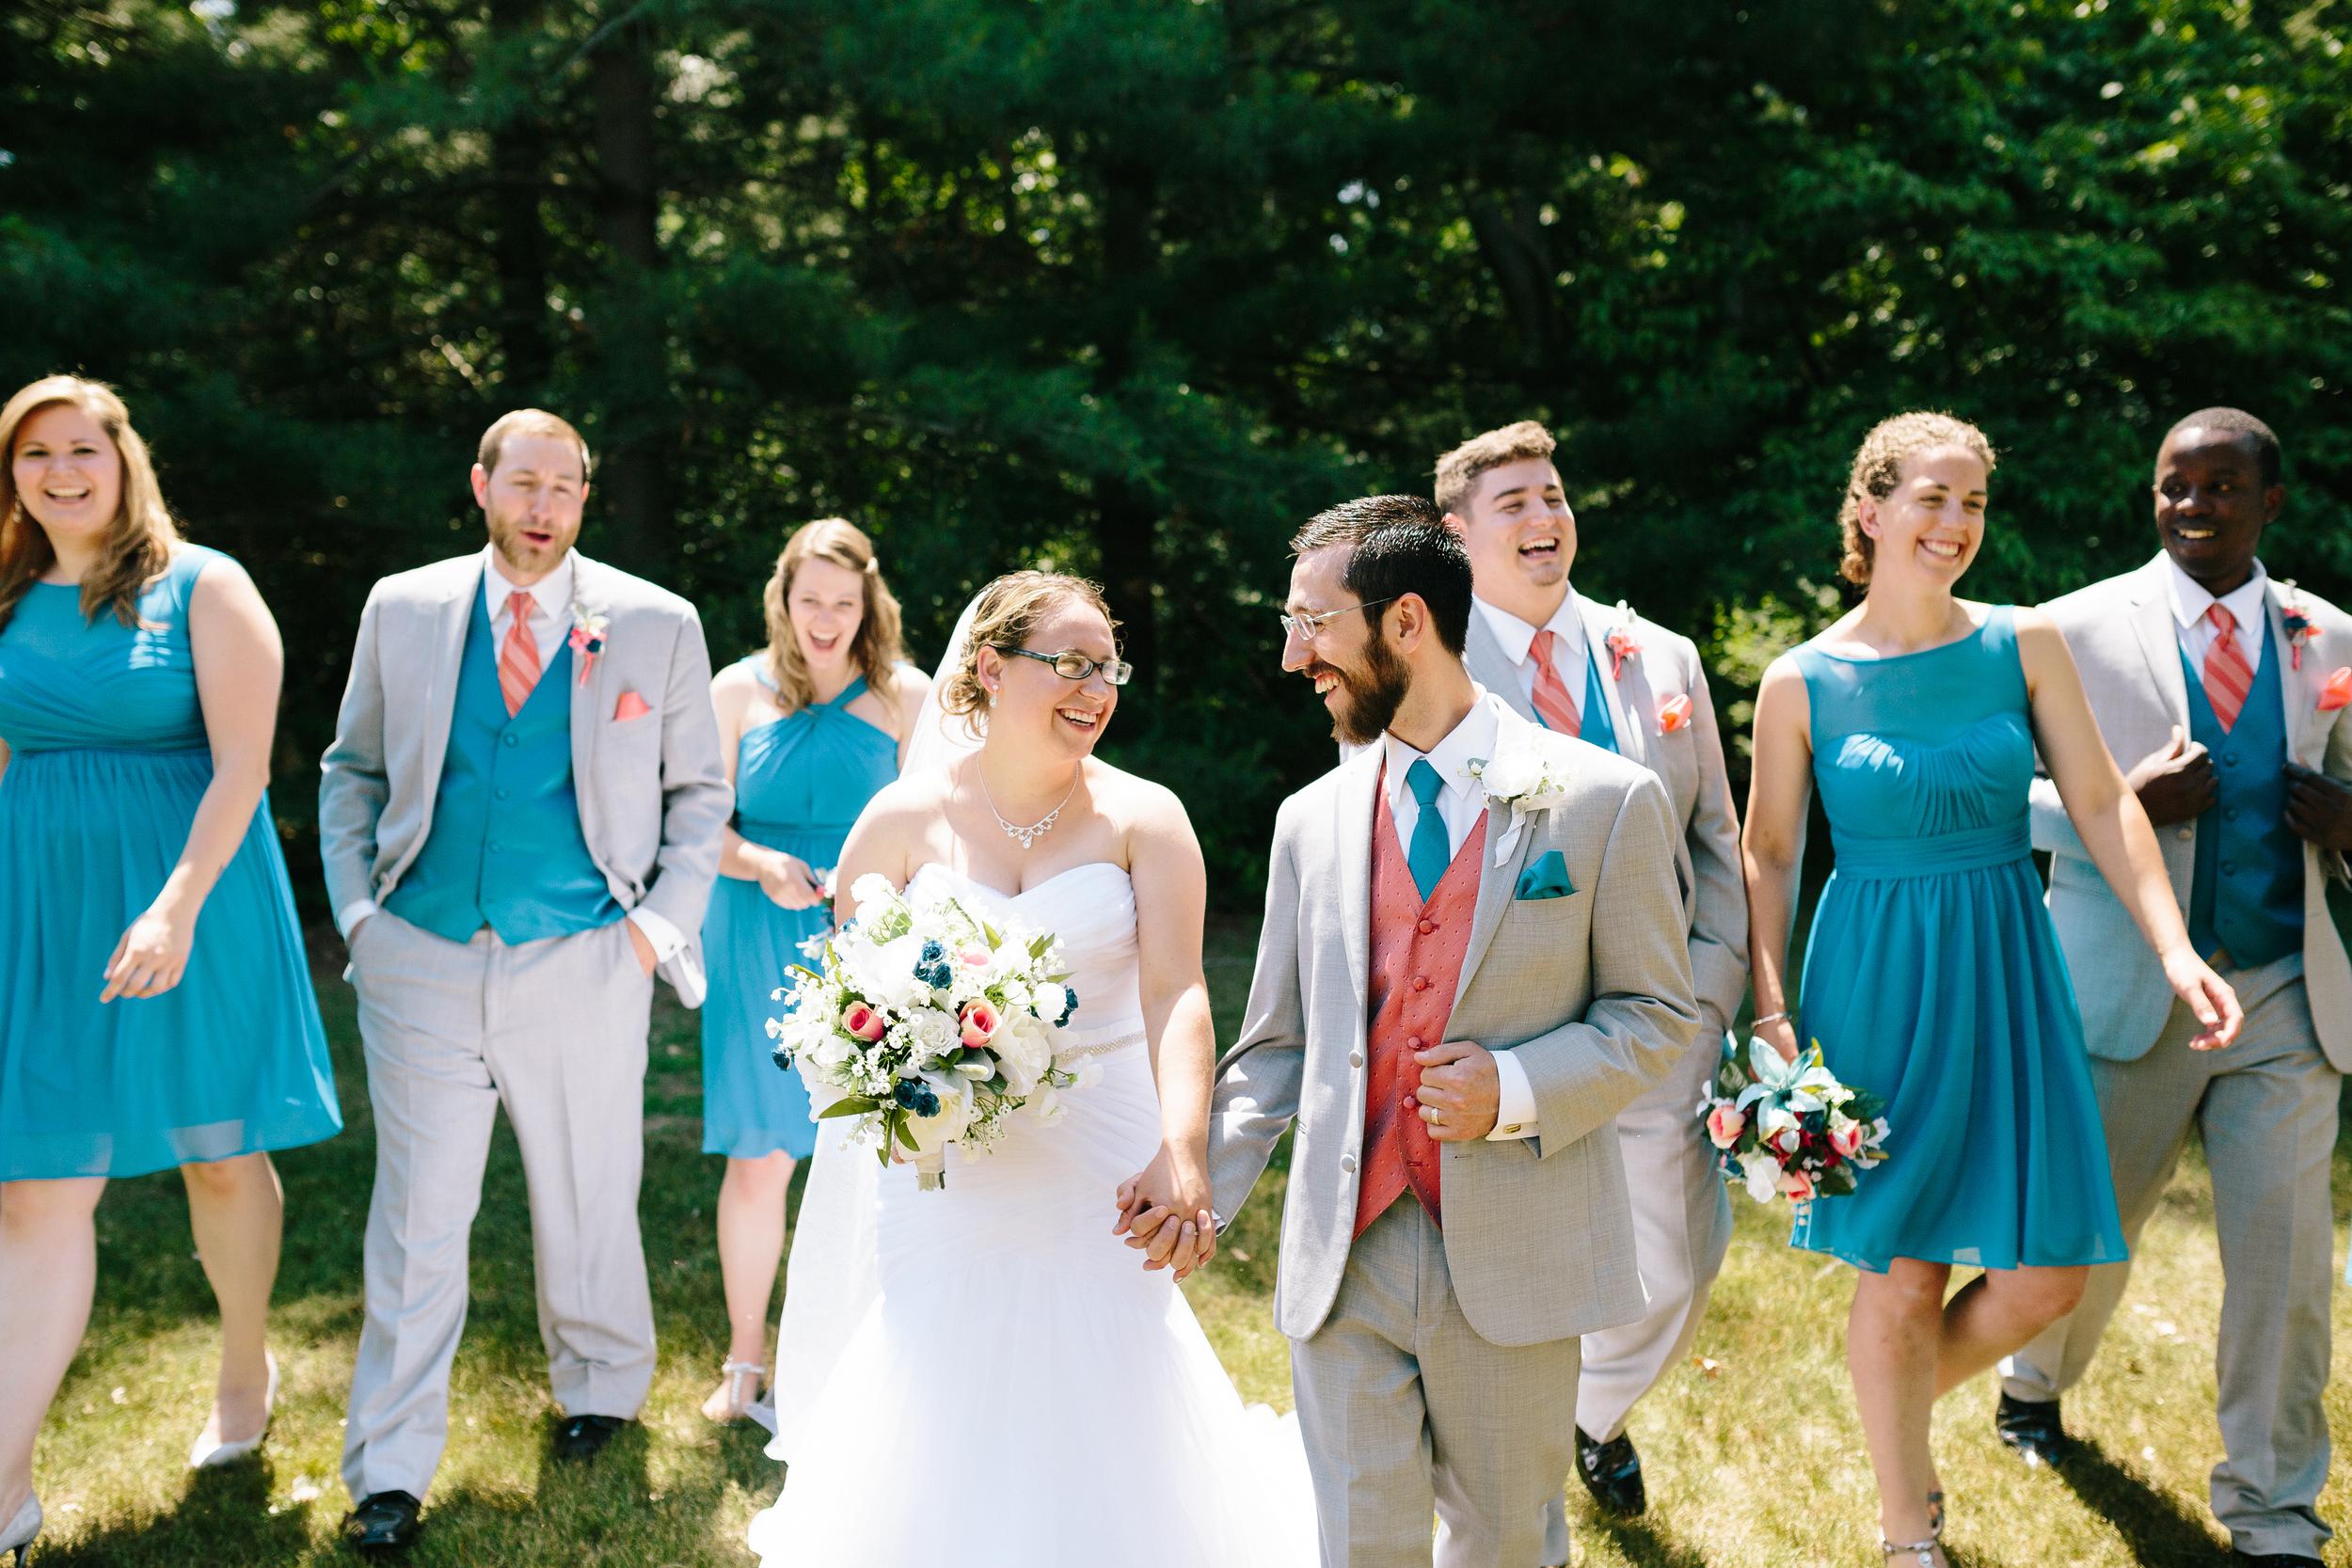 Peter & Rachel Married - South Bend, Indiana-327.jpg